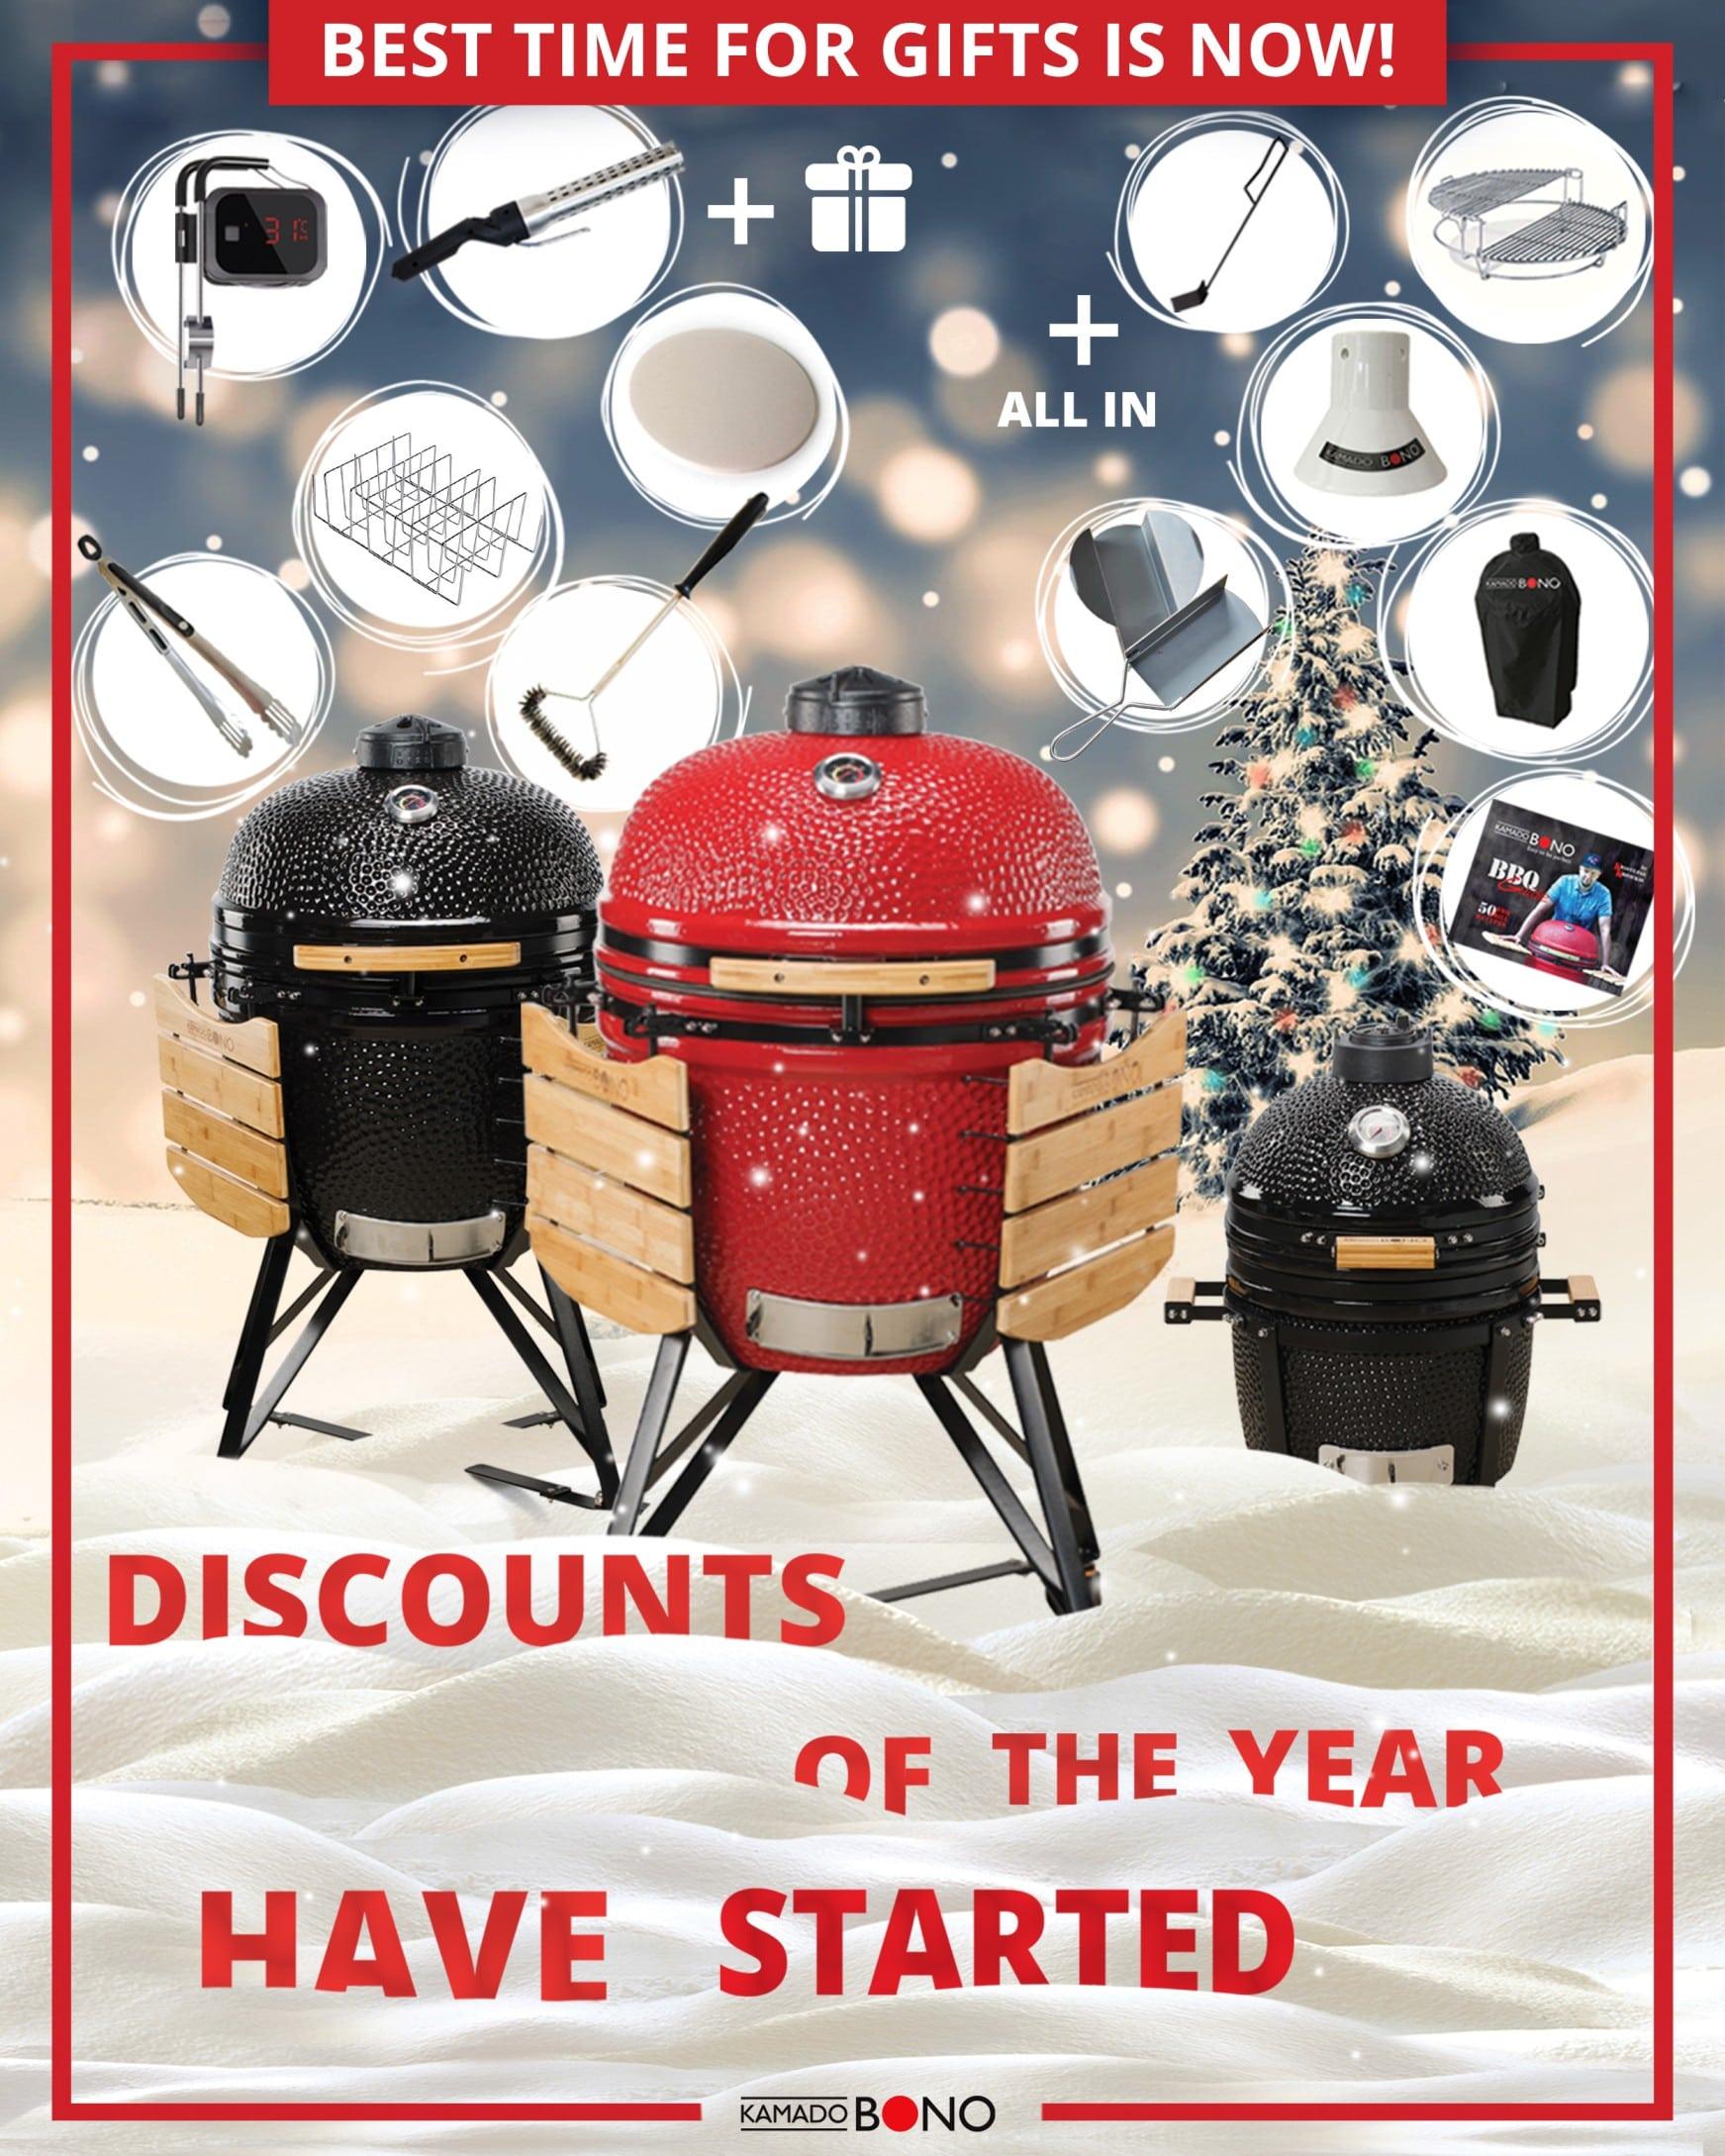 Kamado Kings Christmas Sale Starts Now!